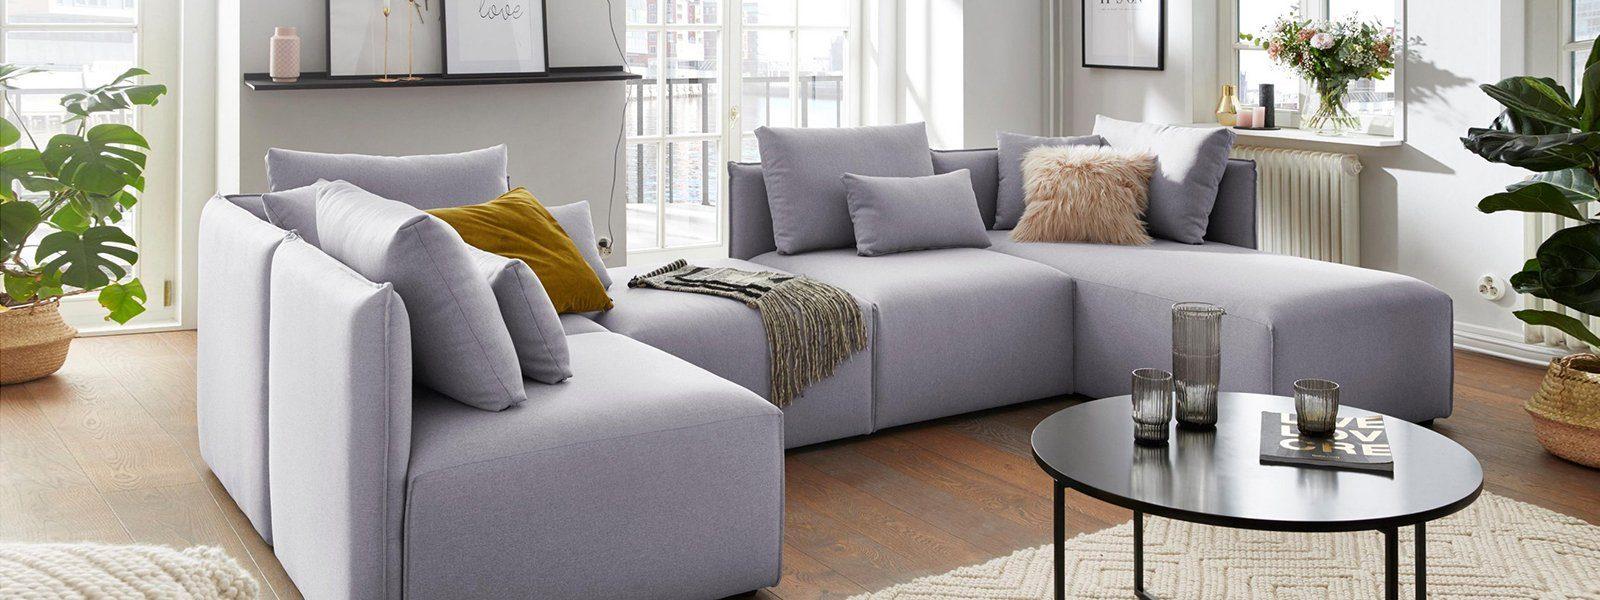 Wohnzimmermöbel online kaufen » Wohnzimmer einrichten   OTTO